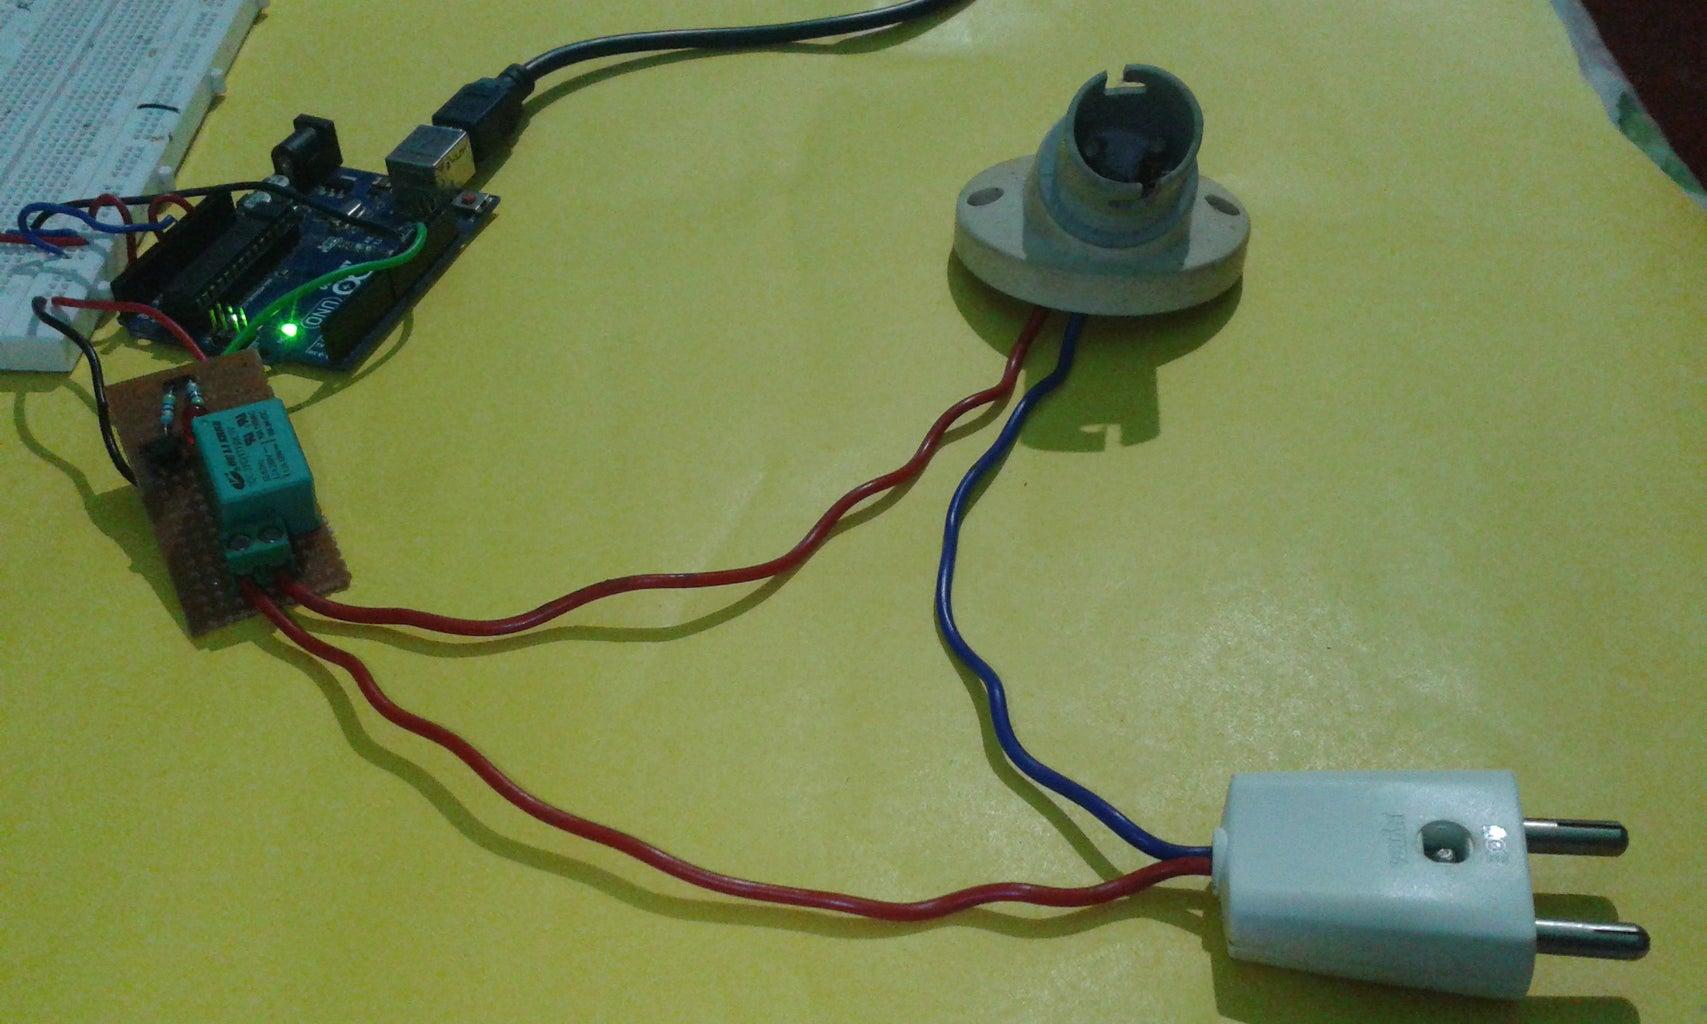 Setup the Circuit